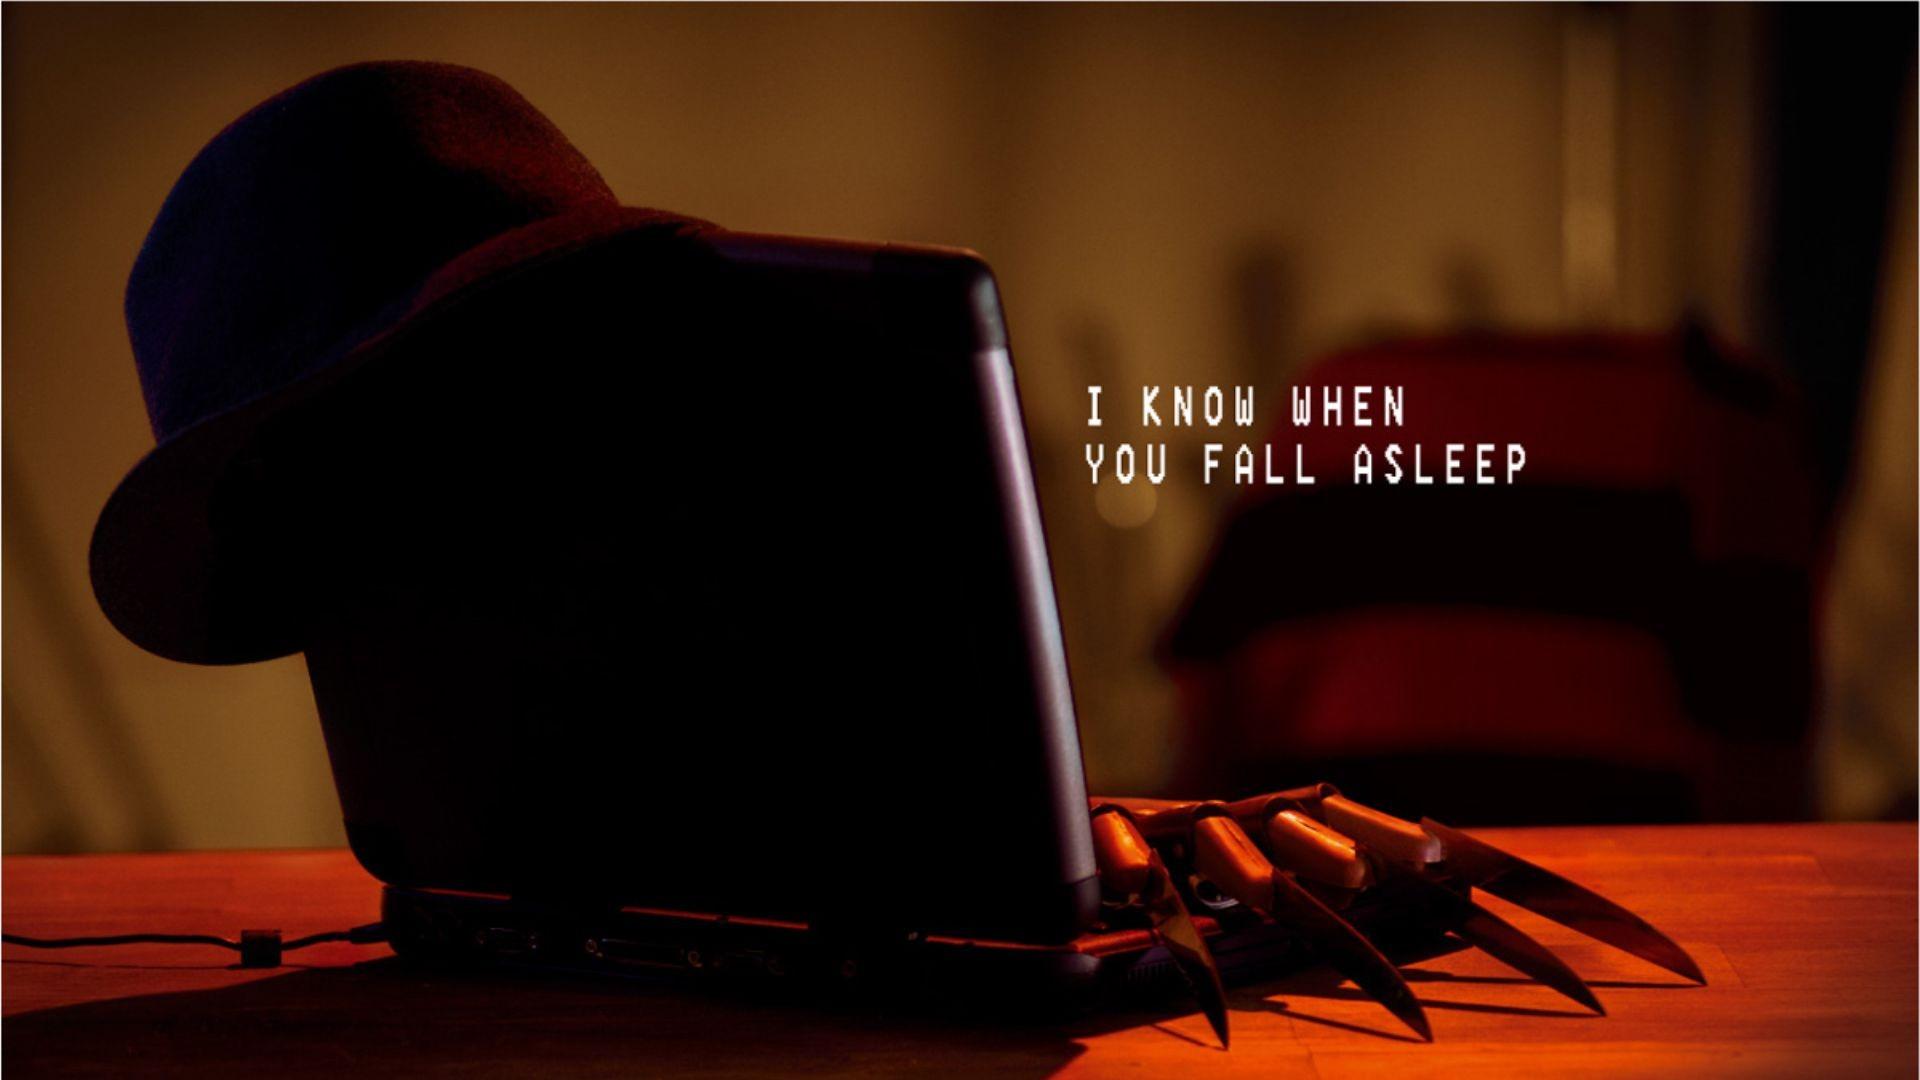 Freddy Krueger by Paullus23 1920x1080